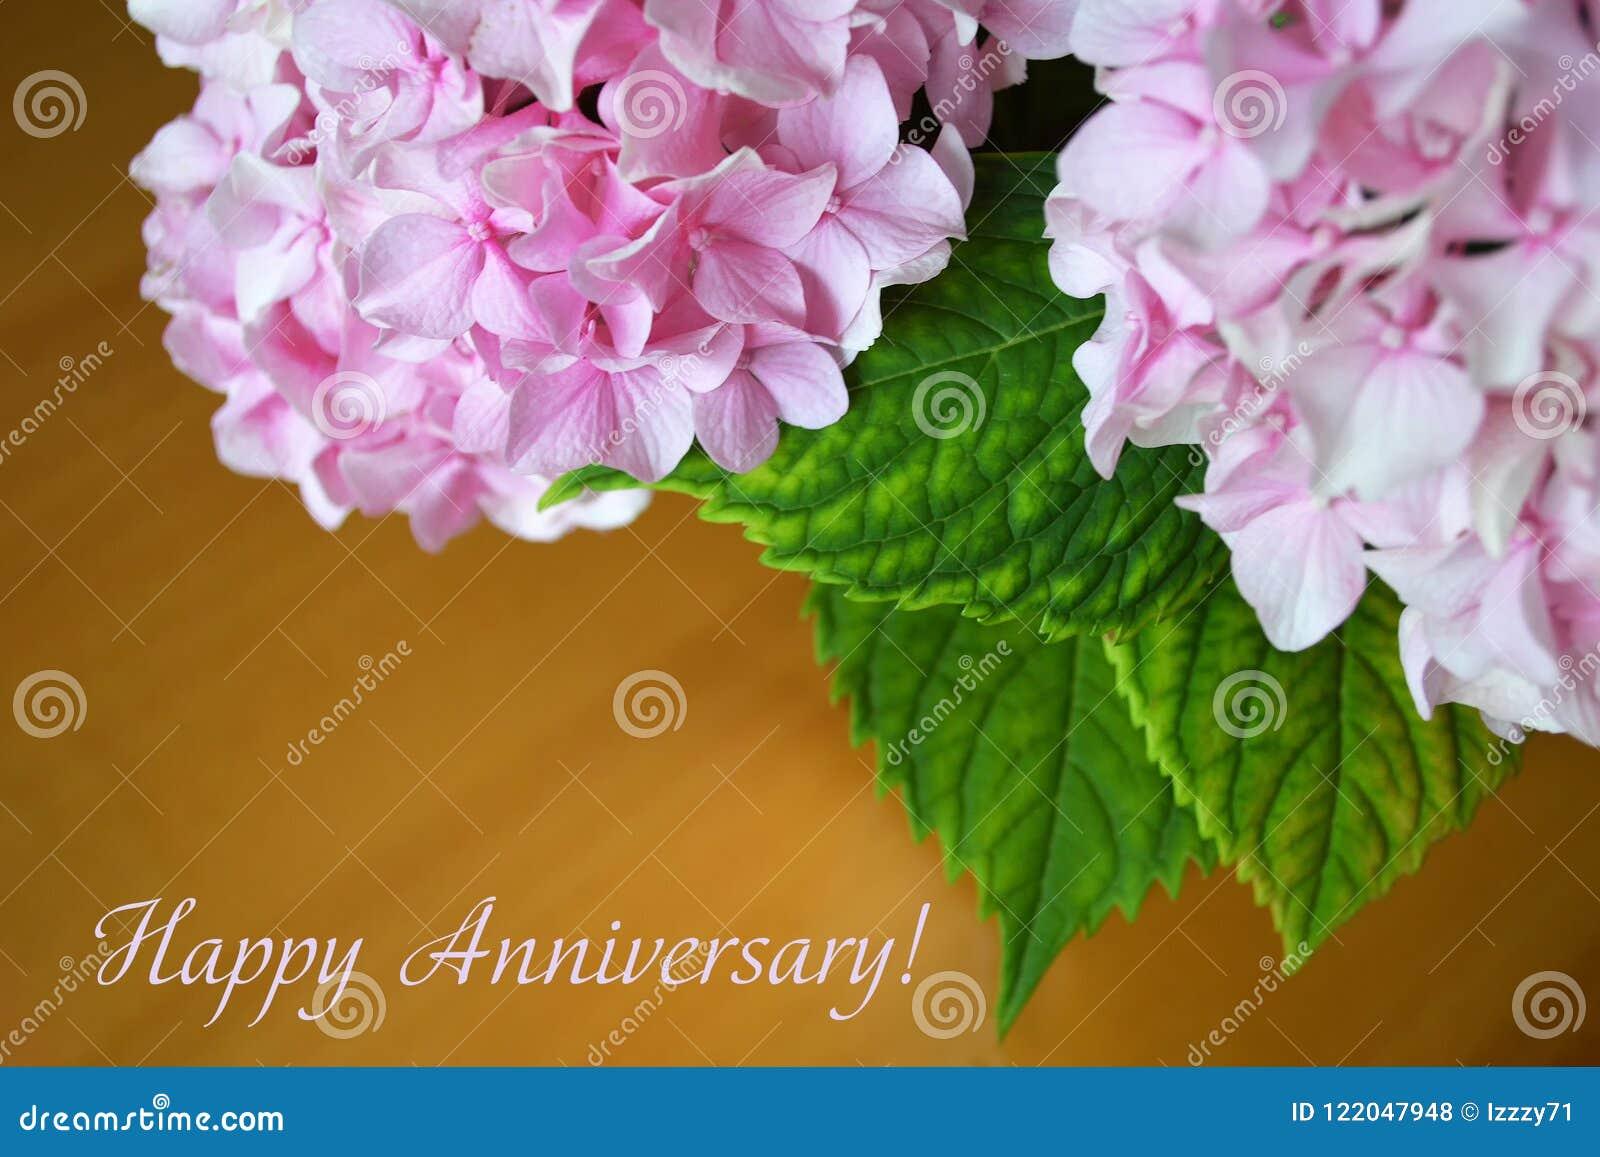 Carte D Anniversaire Avec Des Fleurs D Hortensia Photo Stock